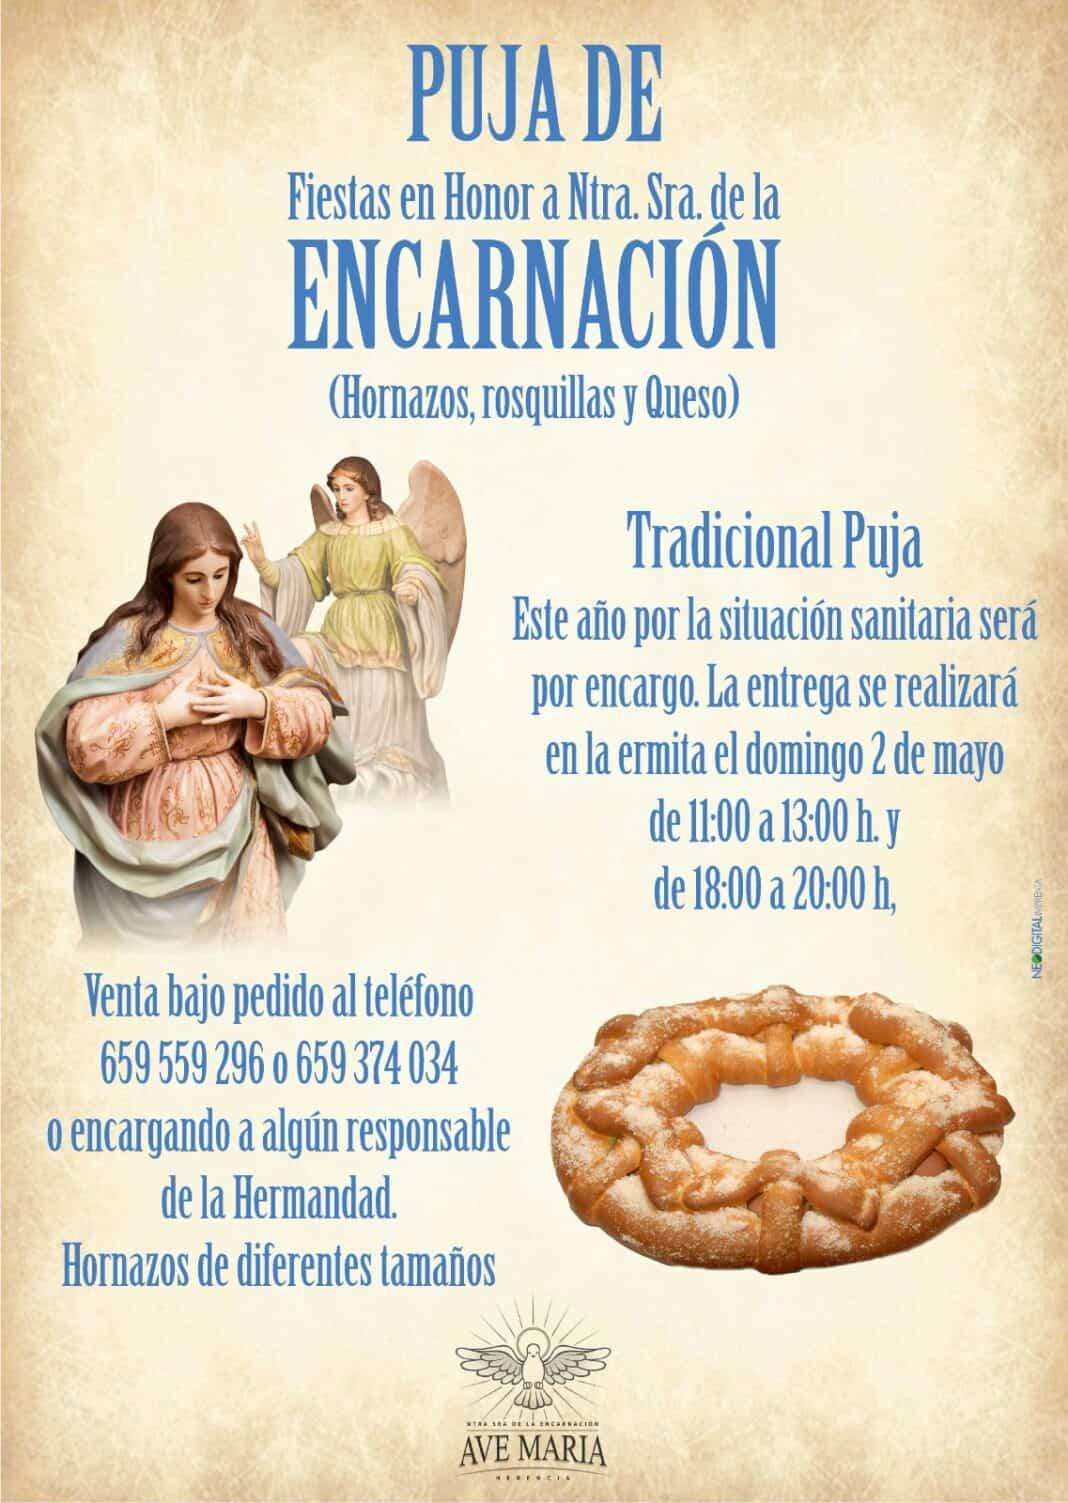 La puja de la Encarnación será este año previo encargo de los tradicionales productos gastronómicos 1